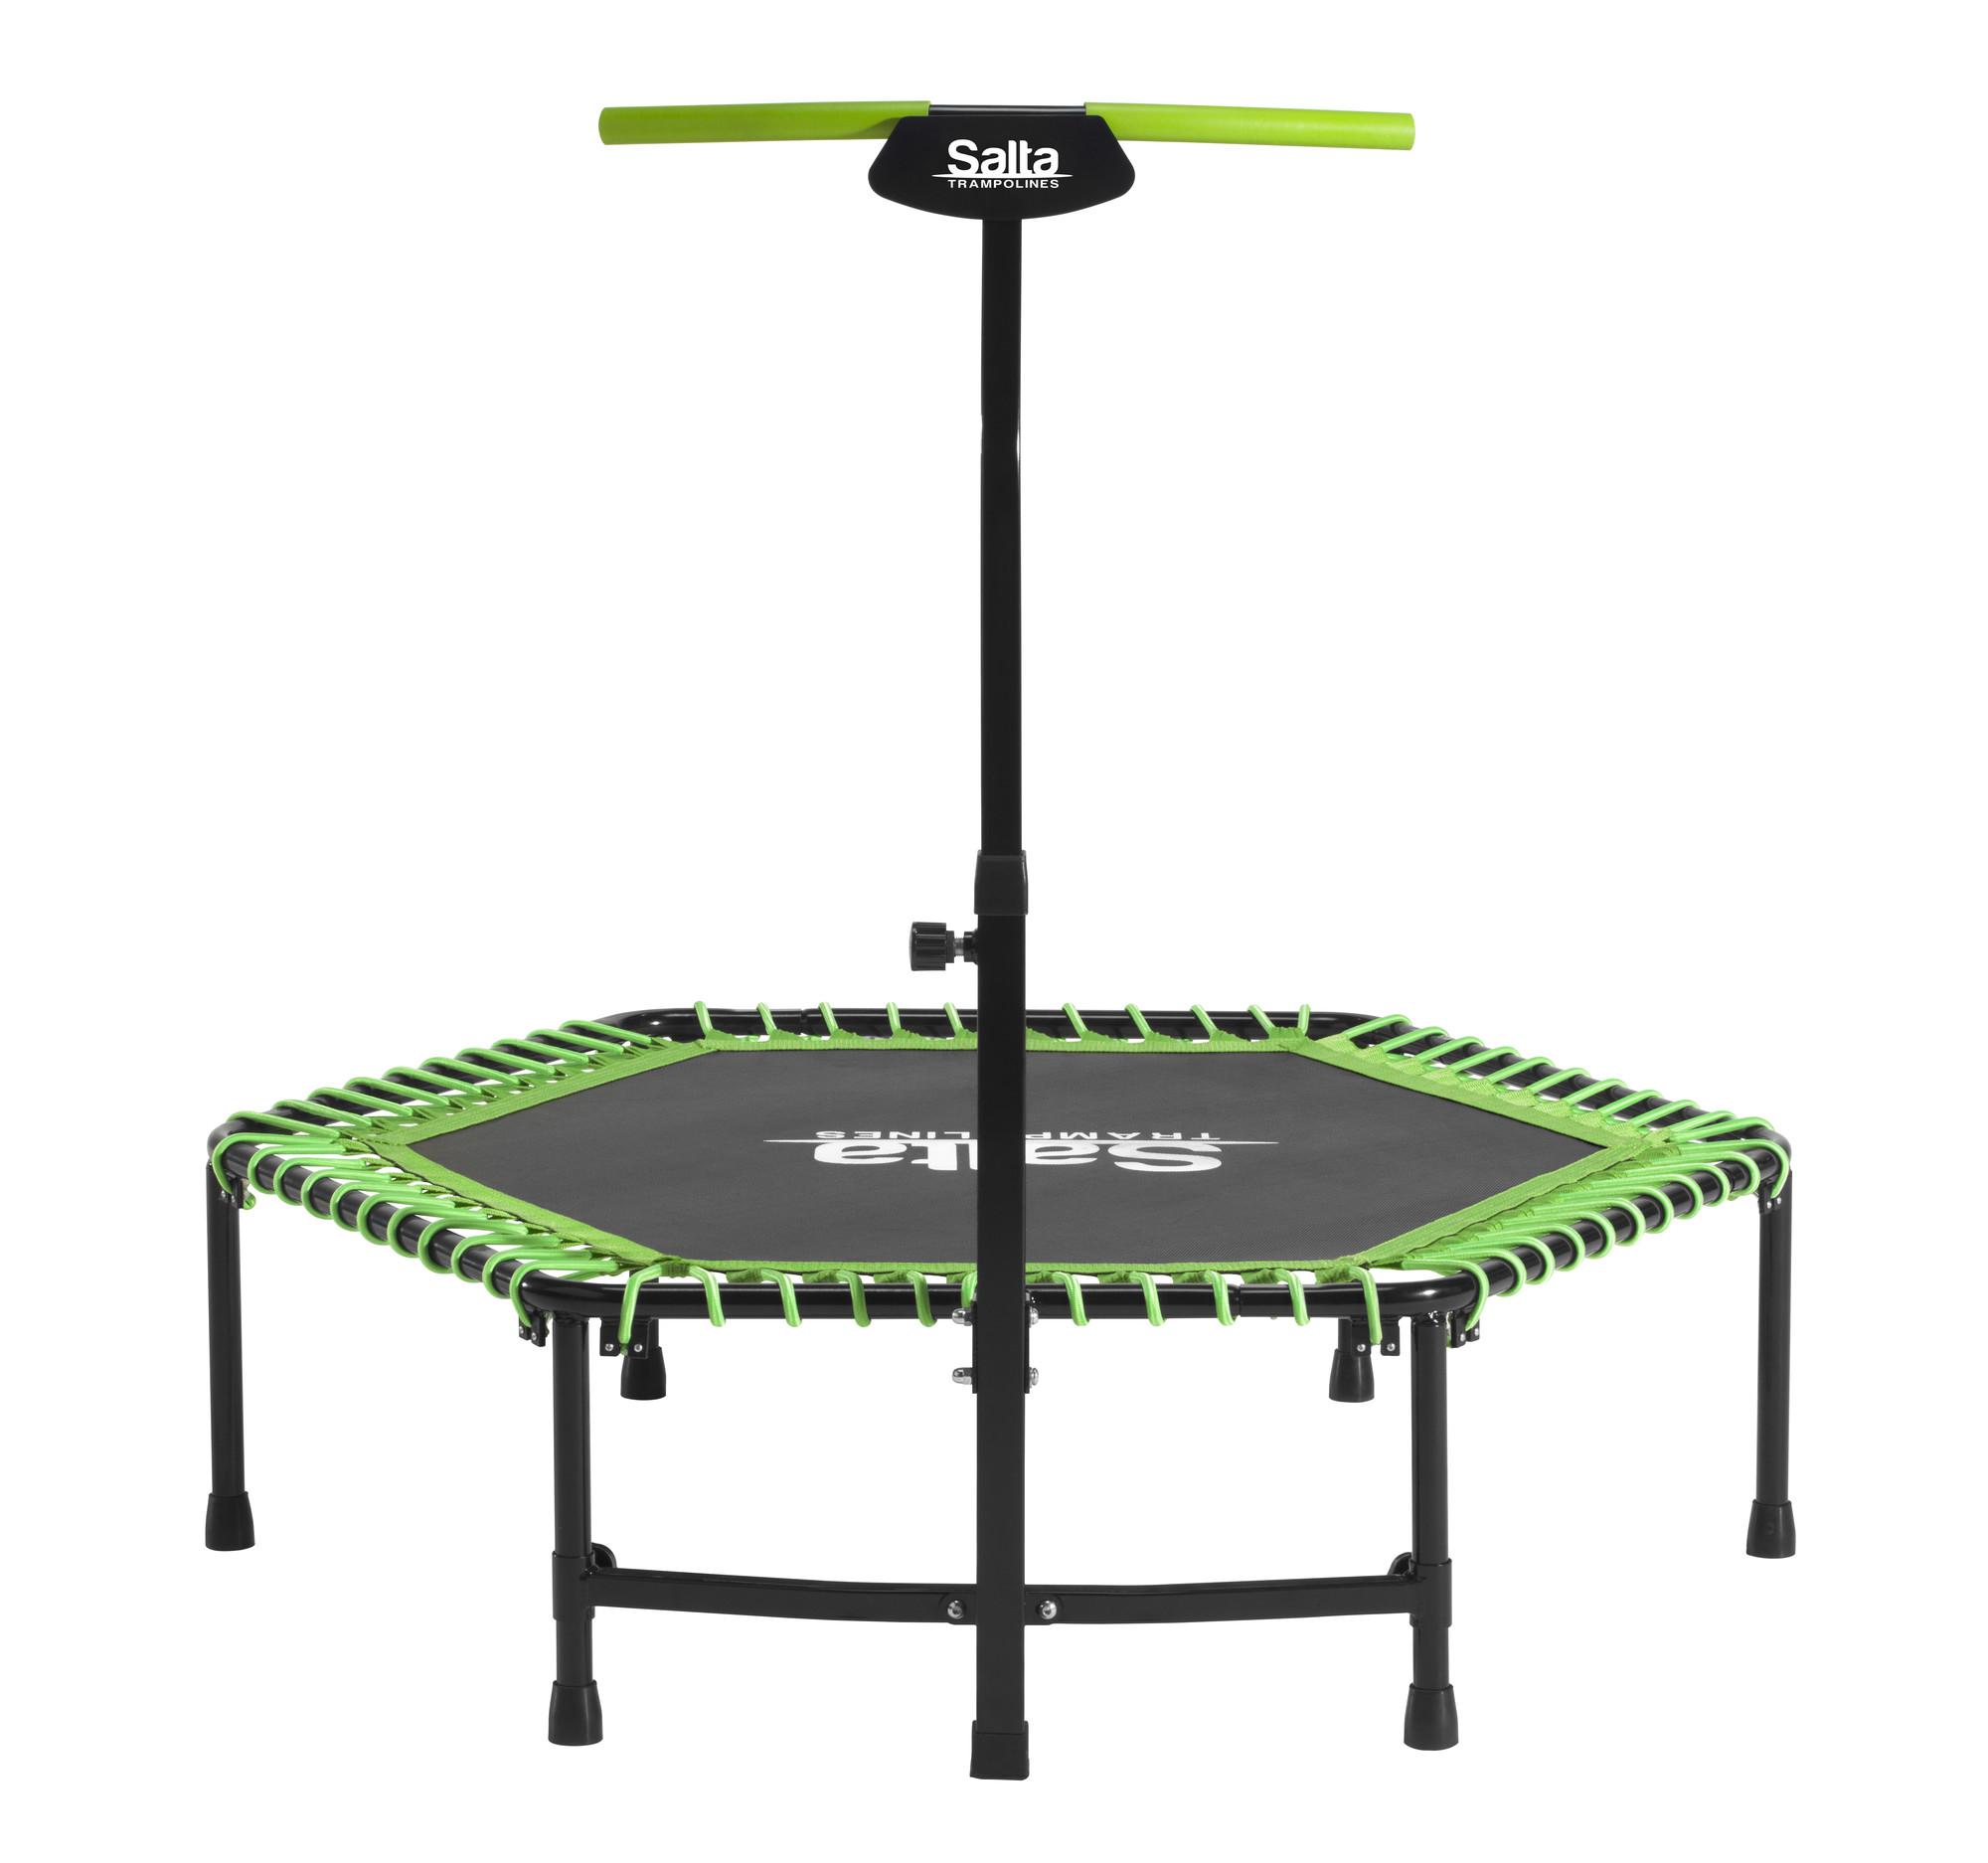 Van Wohi Salta Fitness trampoline including handle bar - 140cm (5357G) Prijsvergelijk nu!